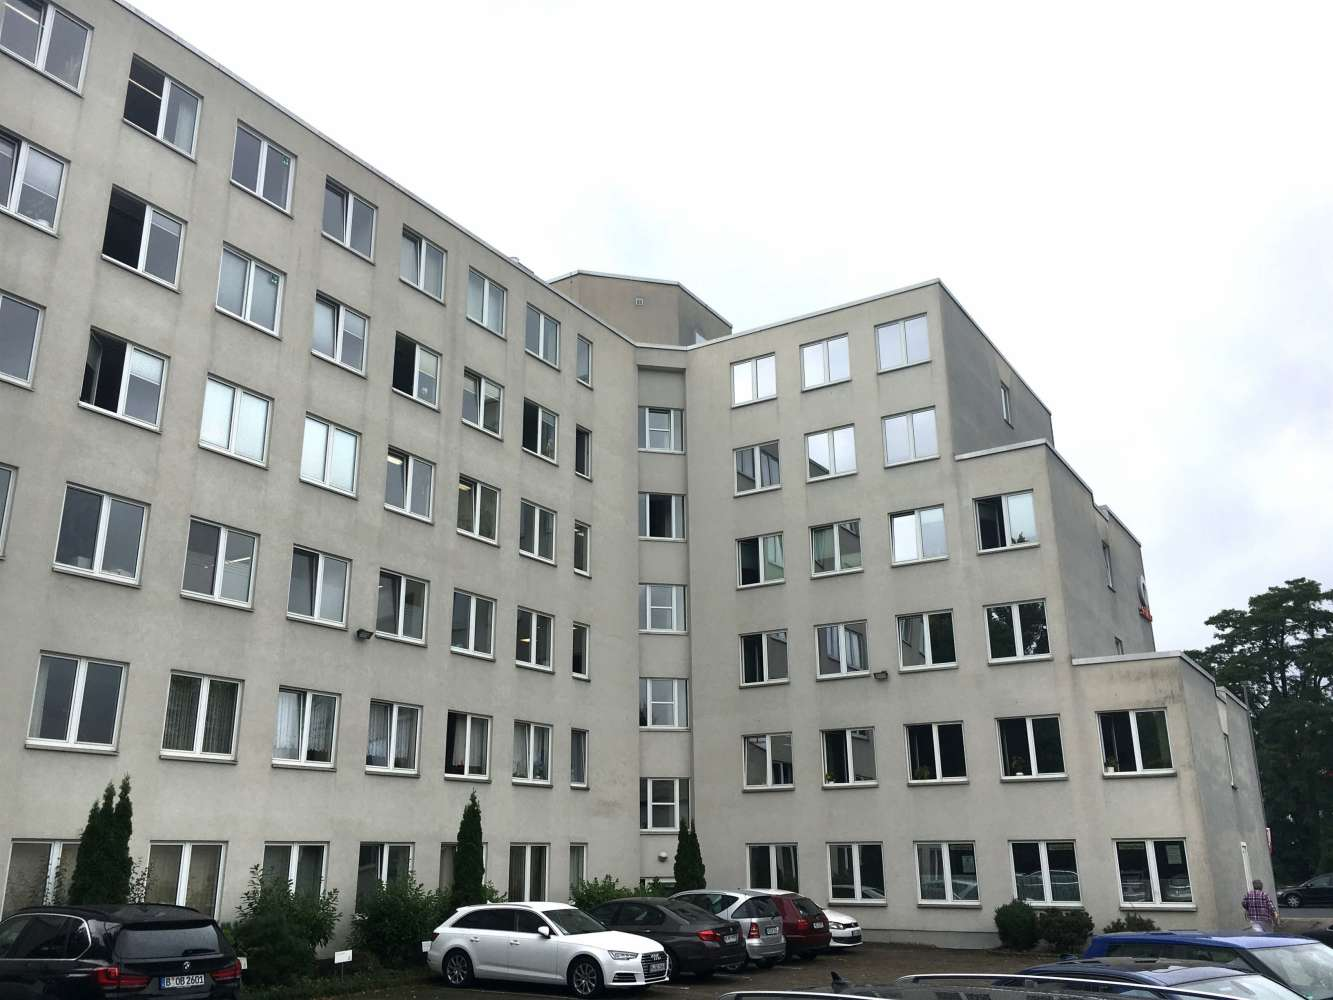 Büros Laatzen, 30880 - Büro - Laatzen, Laatzen-Mitte - H1292 - 9420286